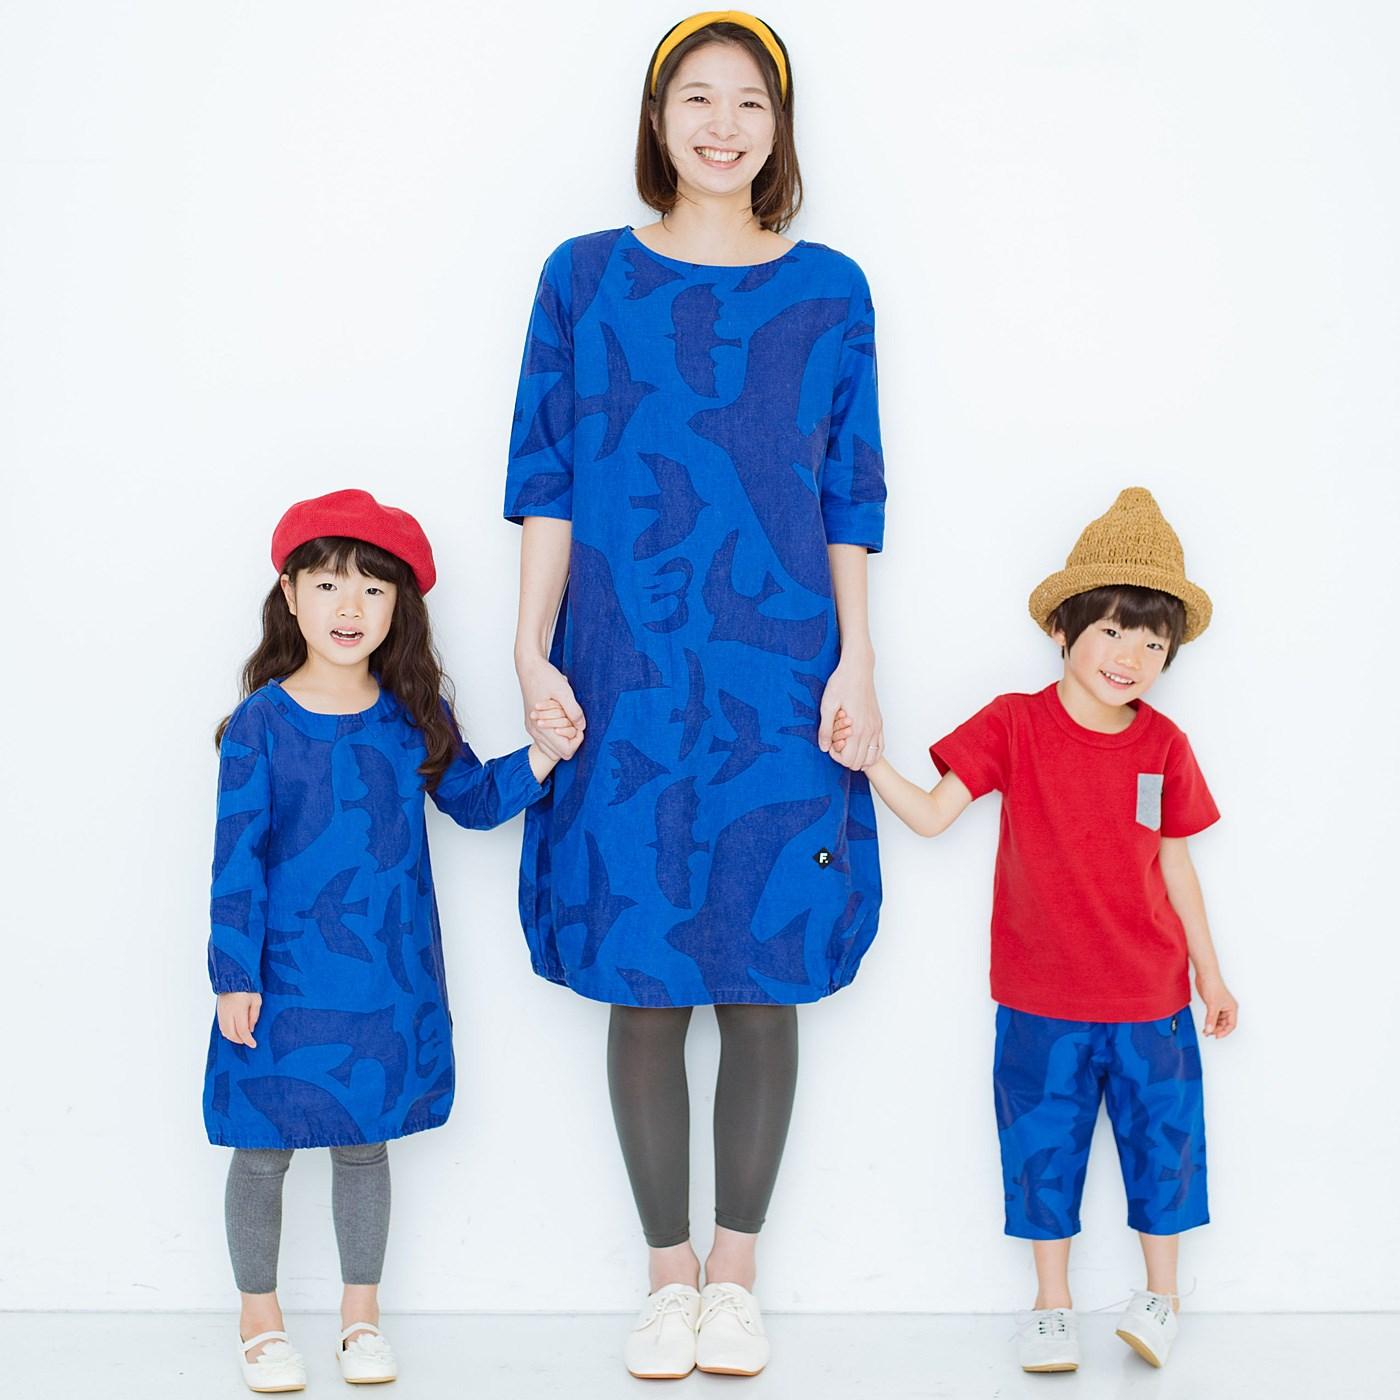 女の子:107cm 男の子:104cm ともに10サイズ